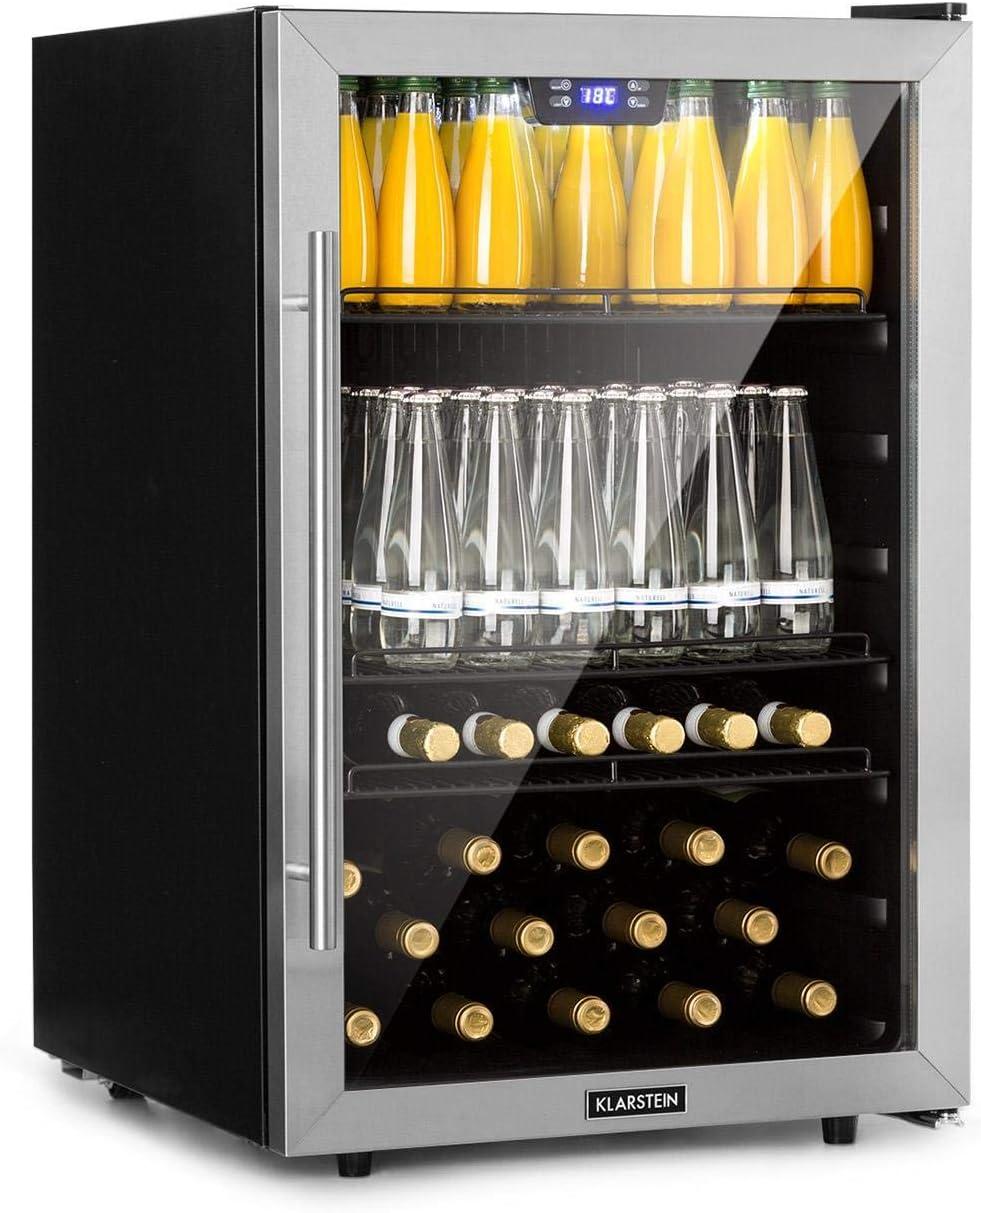 Klarstein Beersafe 5XL Nevera para bebidas - 148 L para unas 231 latas, 3 baldas de metal, Puerta de cristal, Eficiencia energética clase A+, Con ruedas, Parte frontal de acero inoxidable